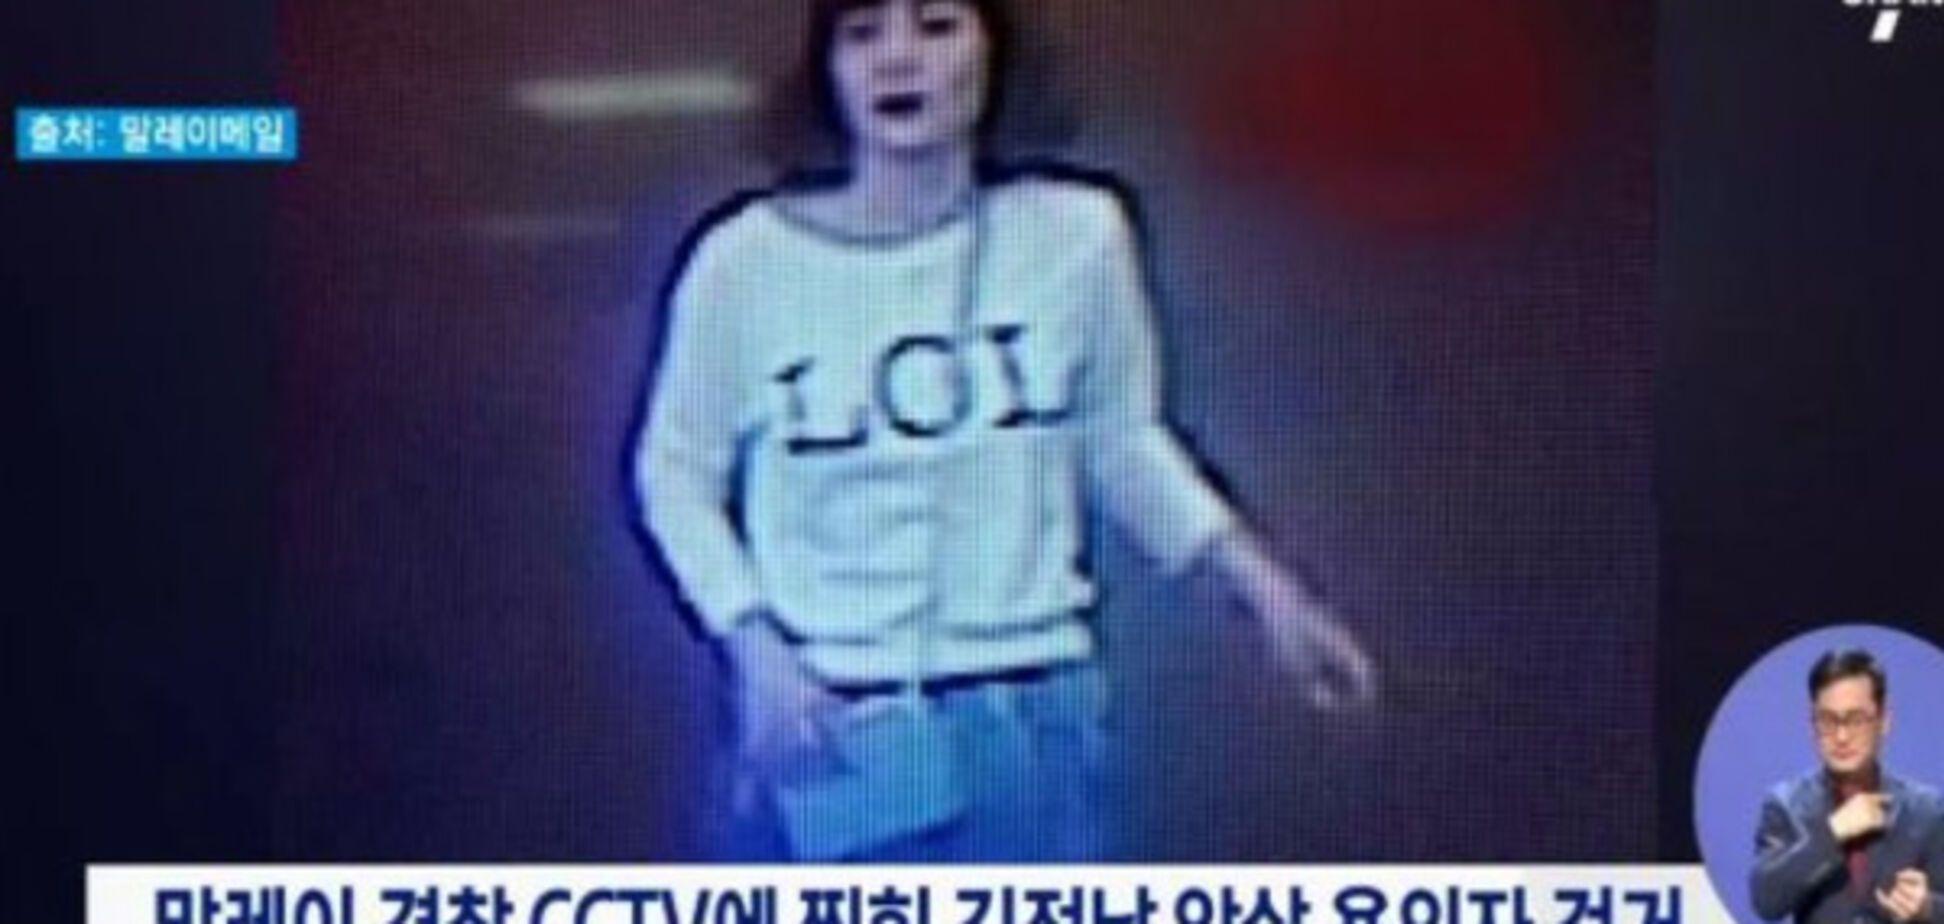 LOL-киллерша: убийца брата Ким Чен Ына стала звездой онлайн-магазина